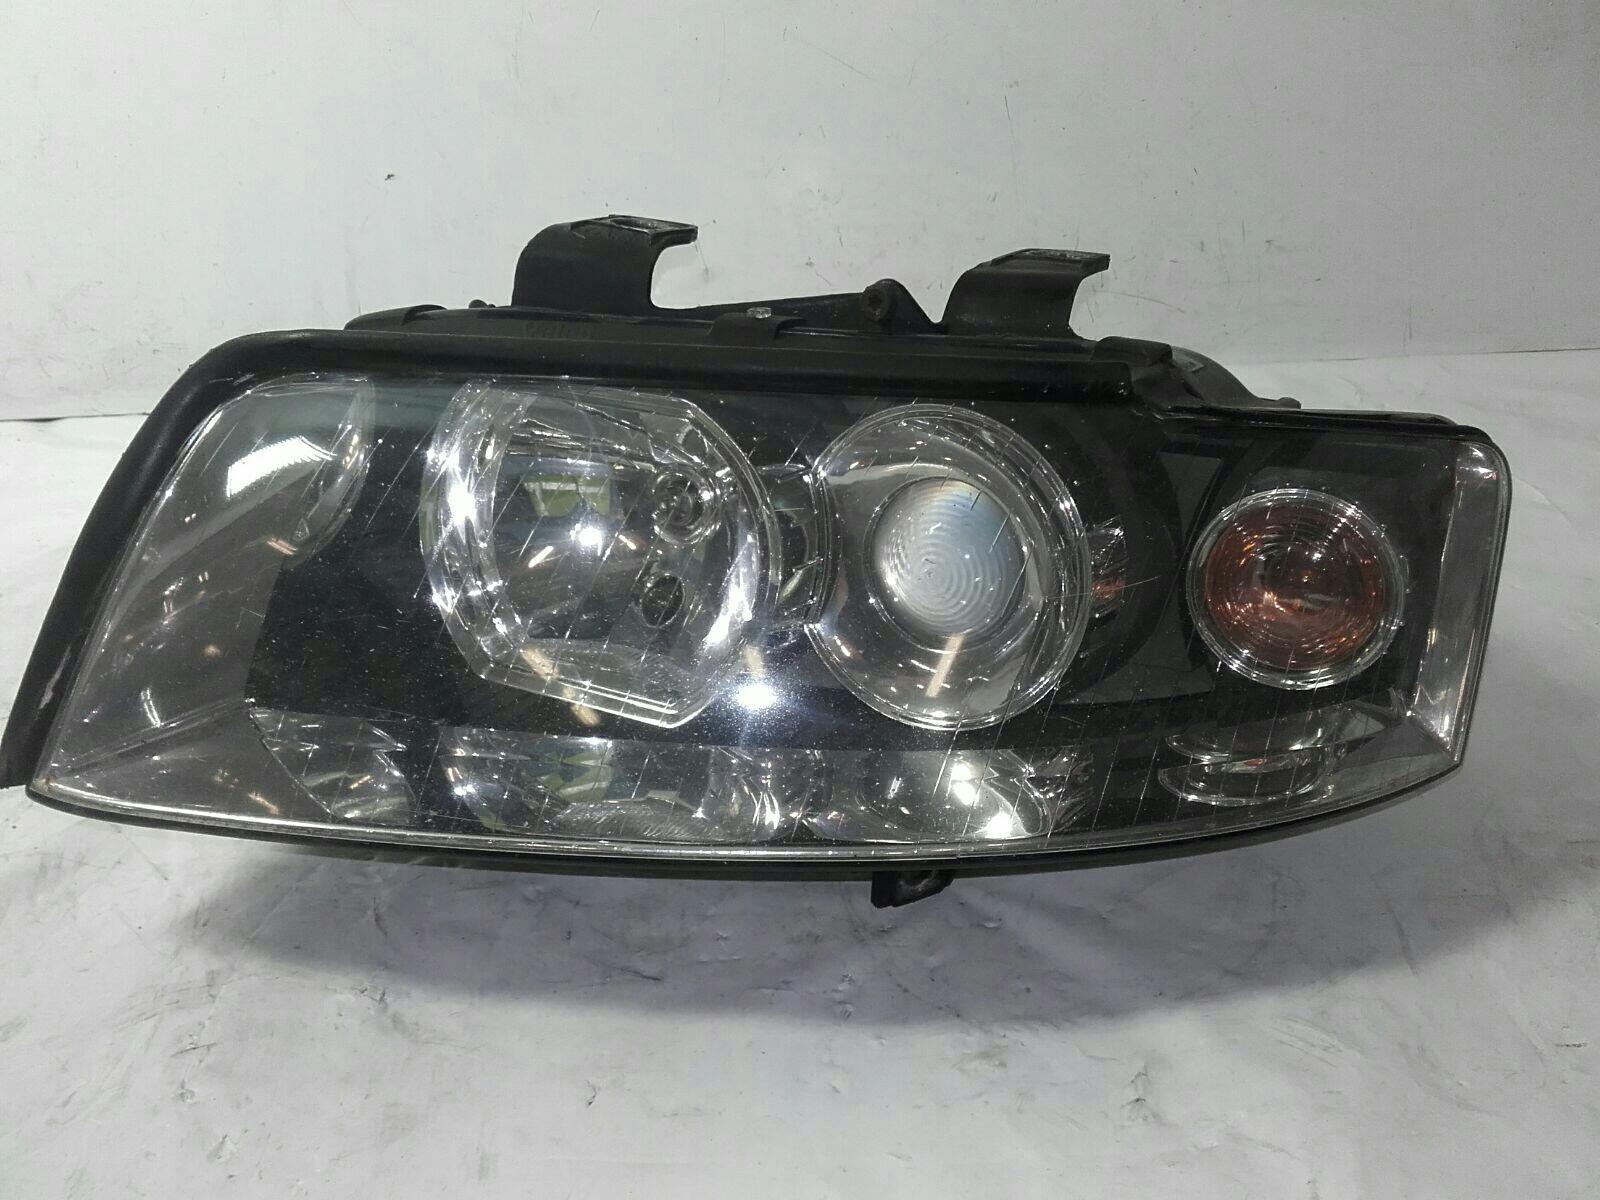 Audi A4 2001 / 2005 PASSENGERS HEADLIGHT / HEADLAMP 8E0941003G - 7296986